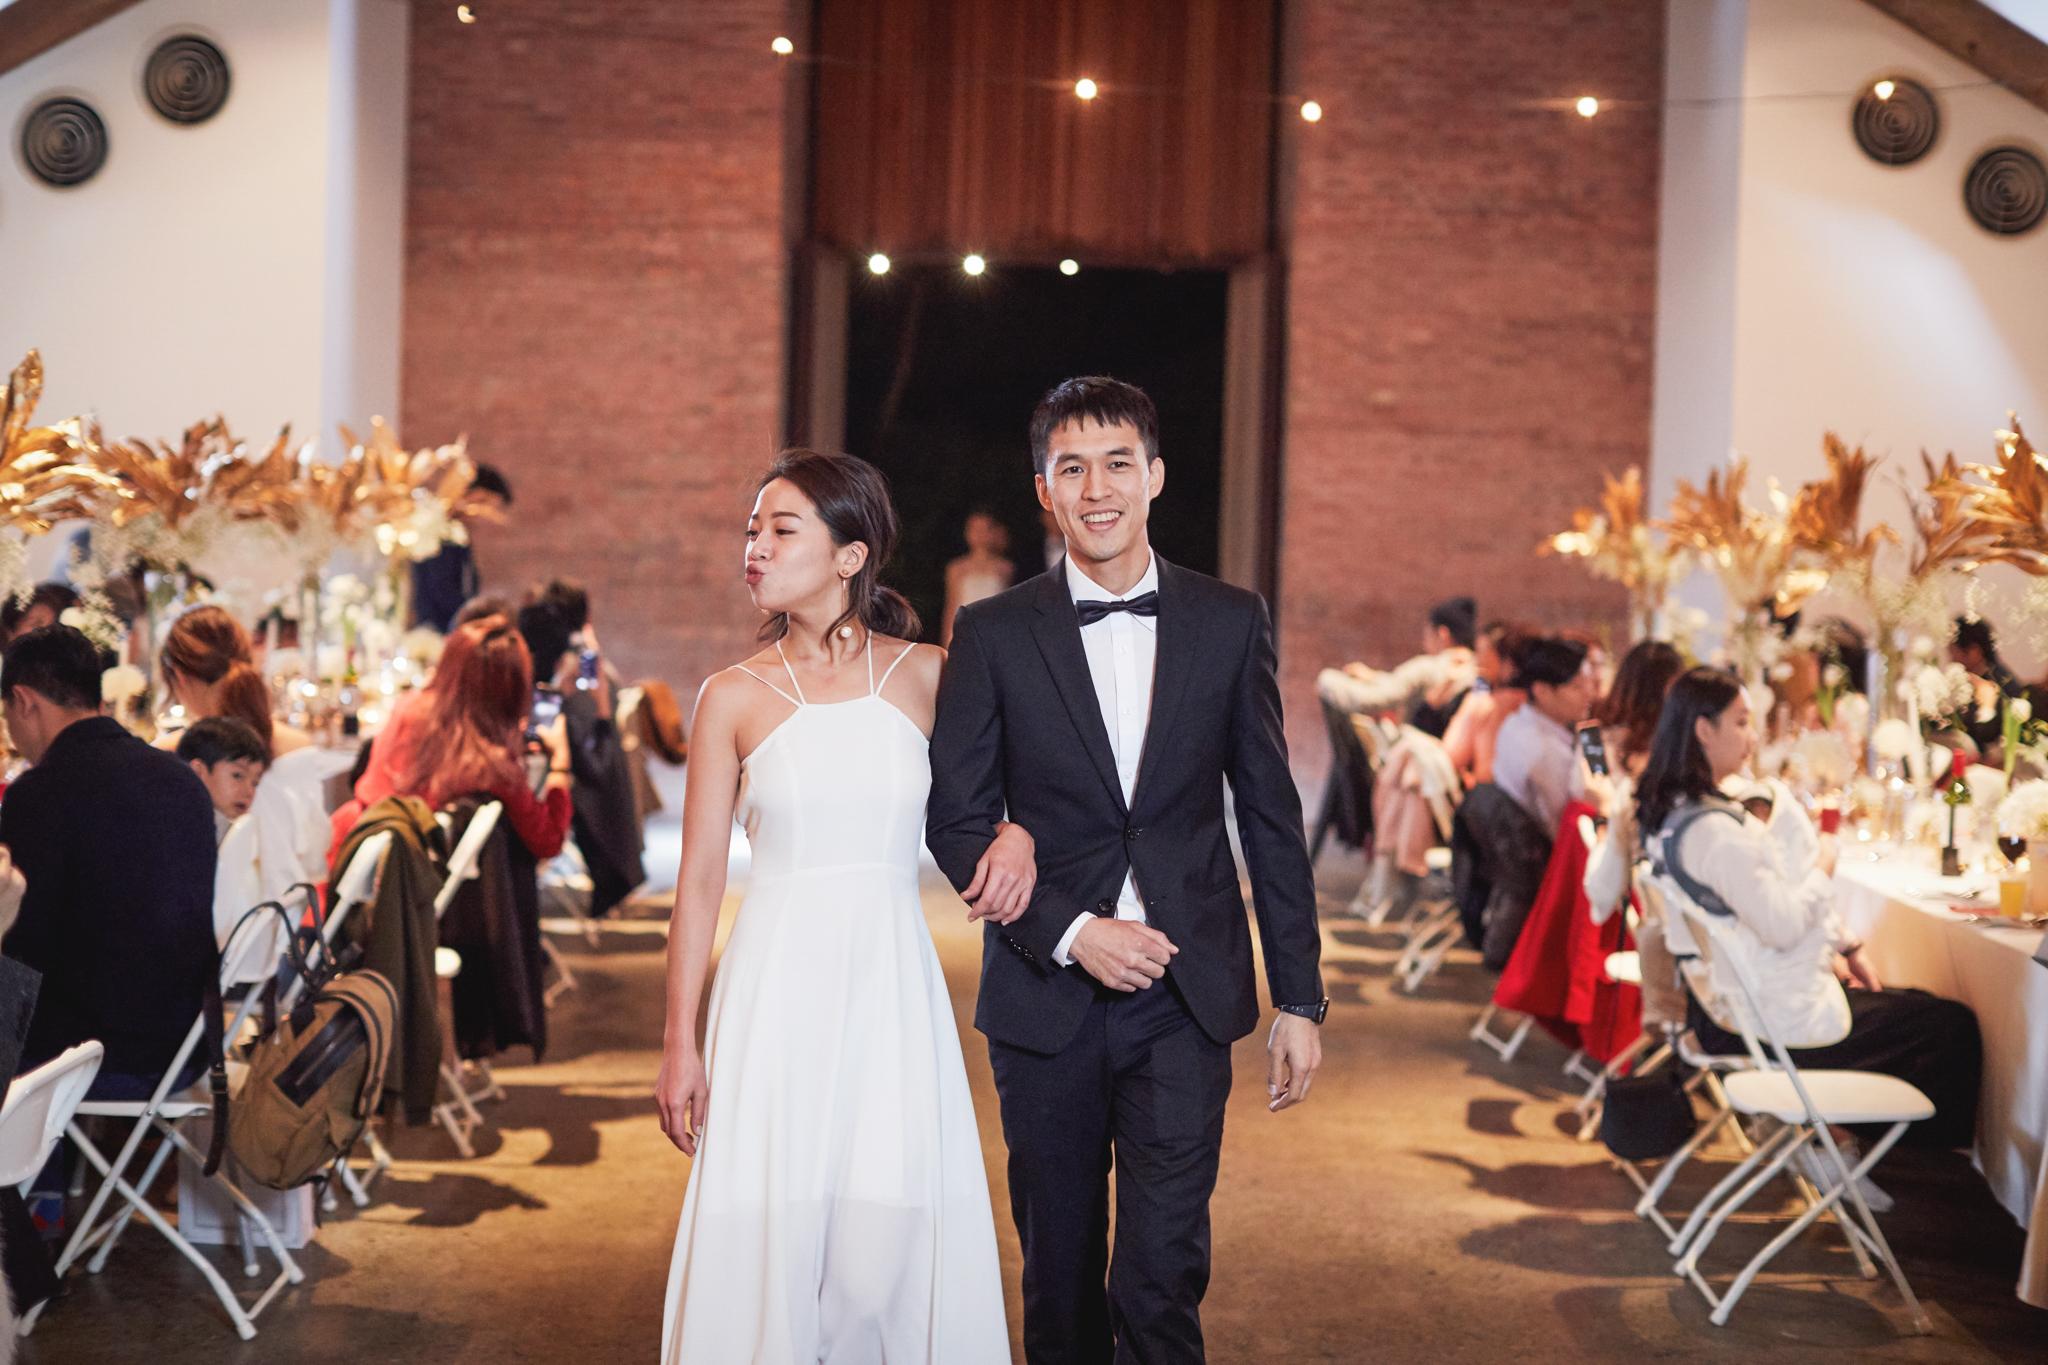 顏牧牧場婚禮, 婚攝推薦,台中婚攝,後院婚禮,戶外婚禮,美式婚禮-88